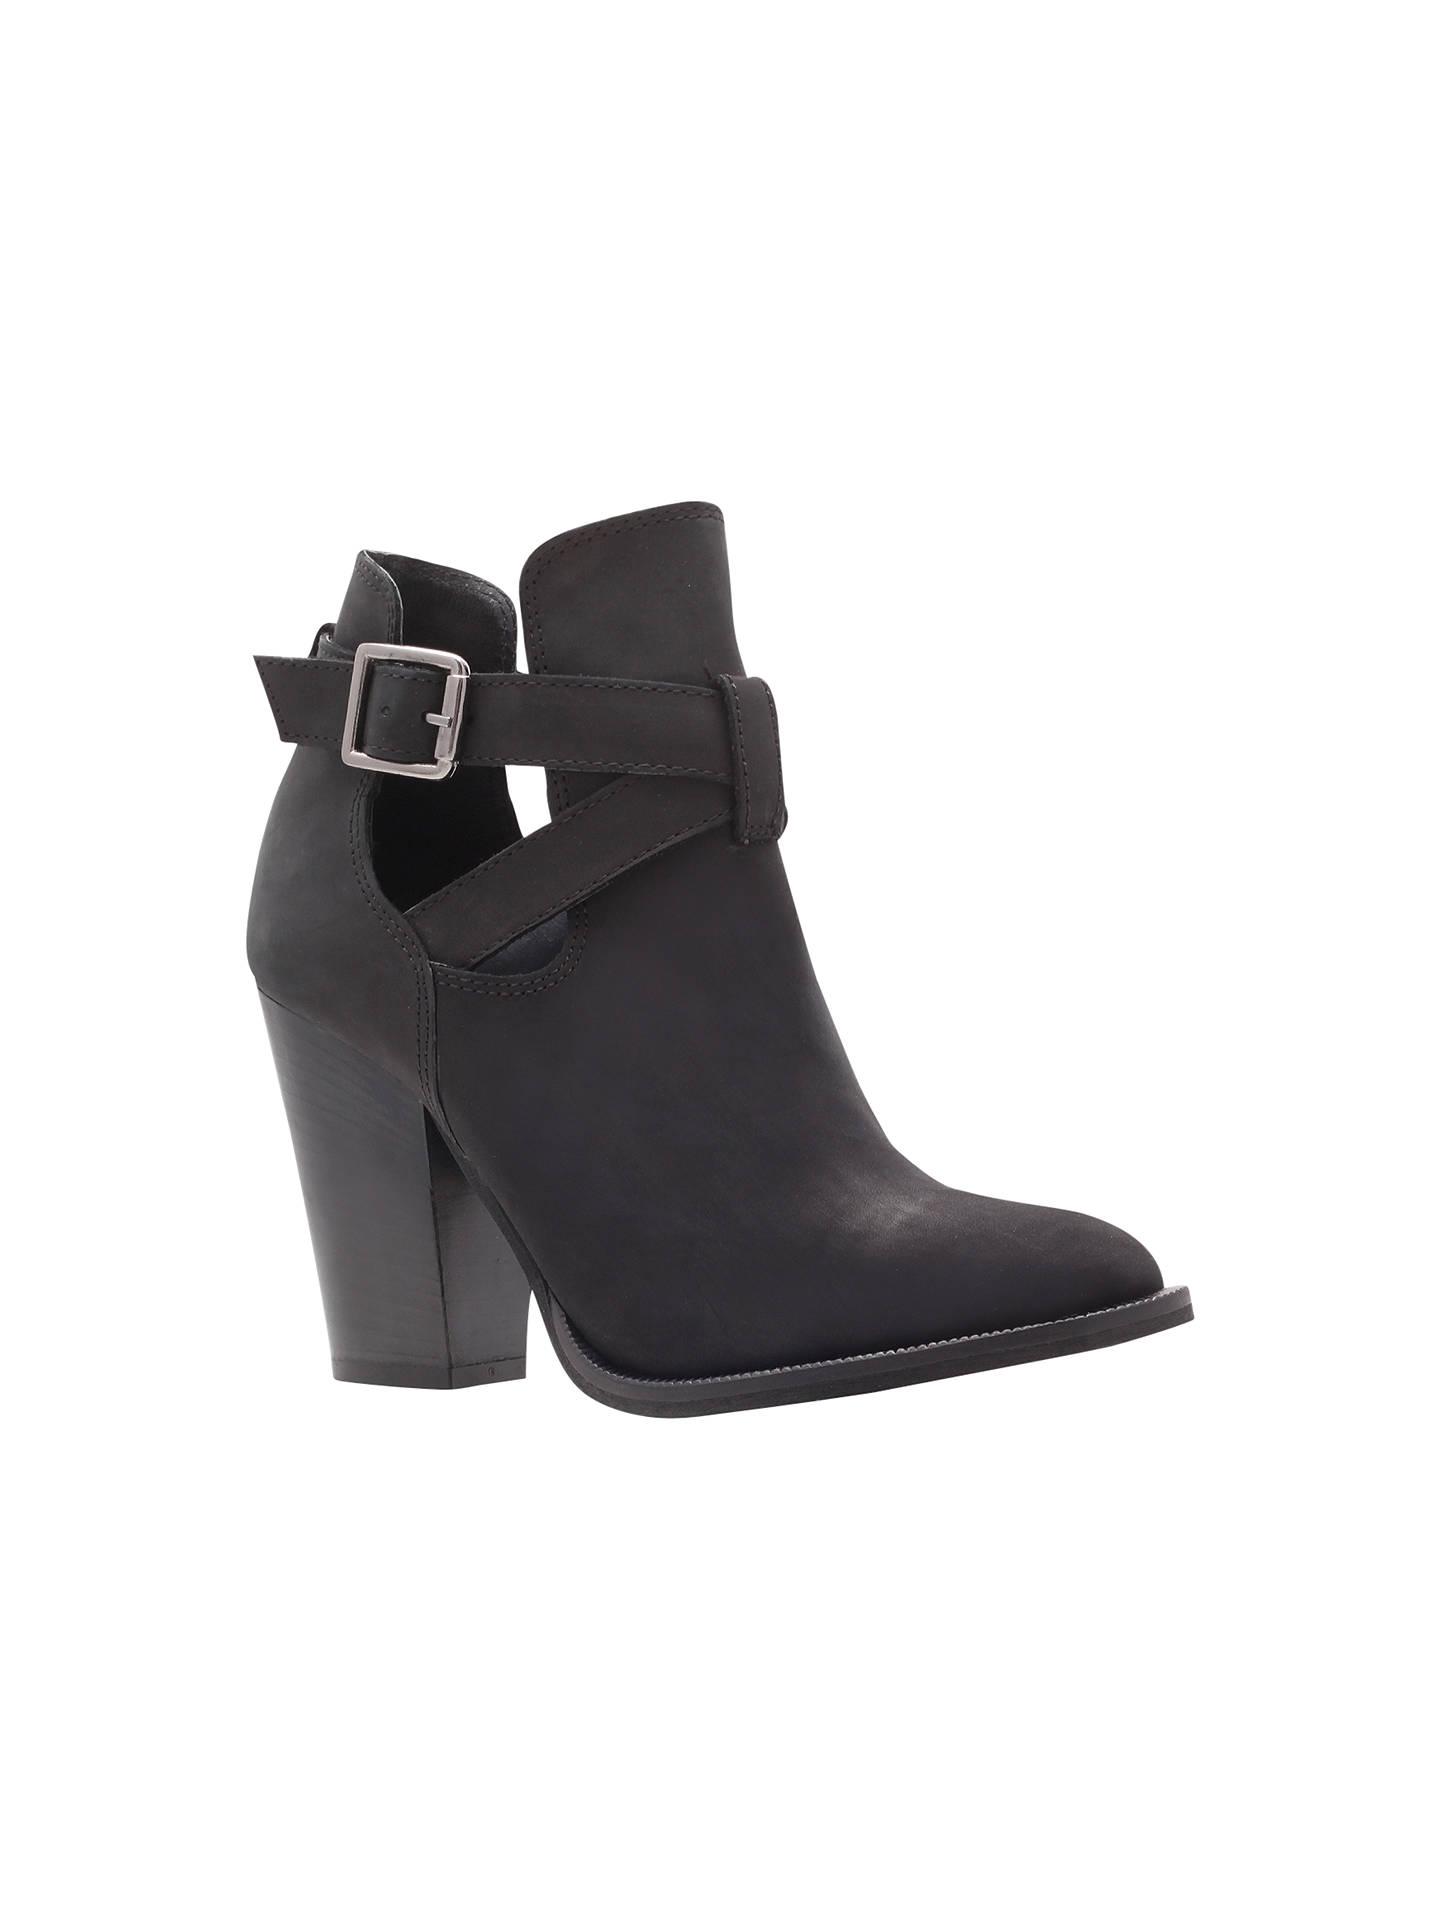 Carvela Shilling High Heel Ankle Boots.jpg